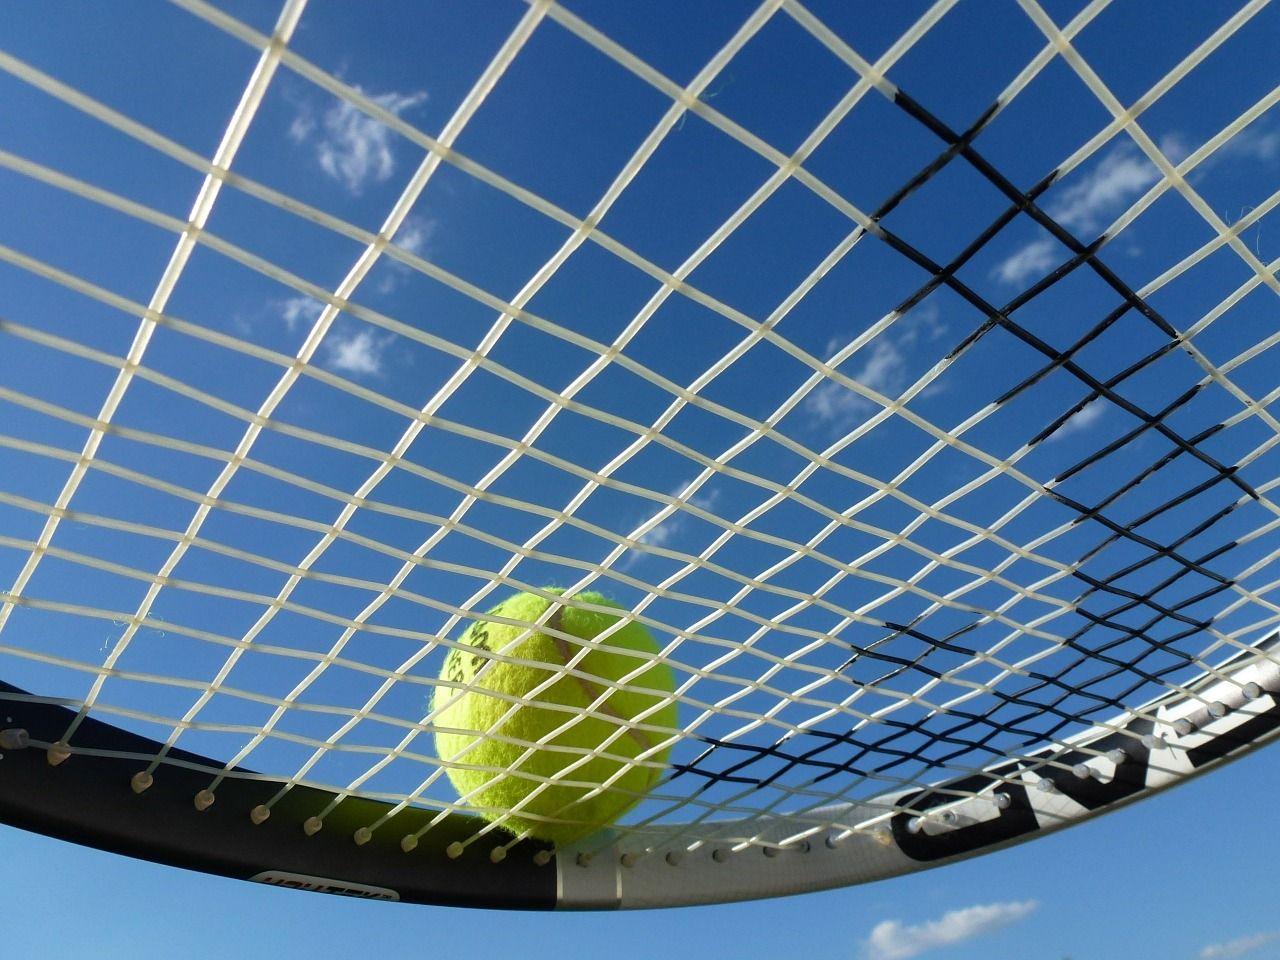 Tenis y pádel: los deportes sin contacto que crecen durante la pandemia. Por kingame.es